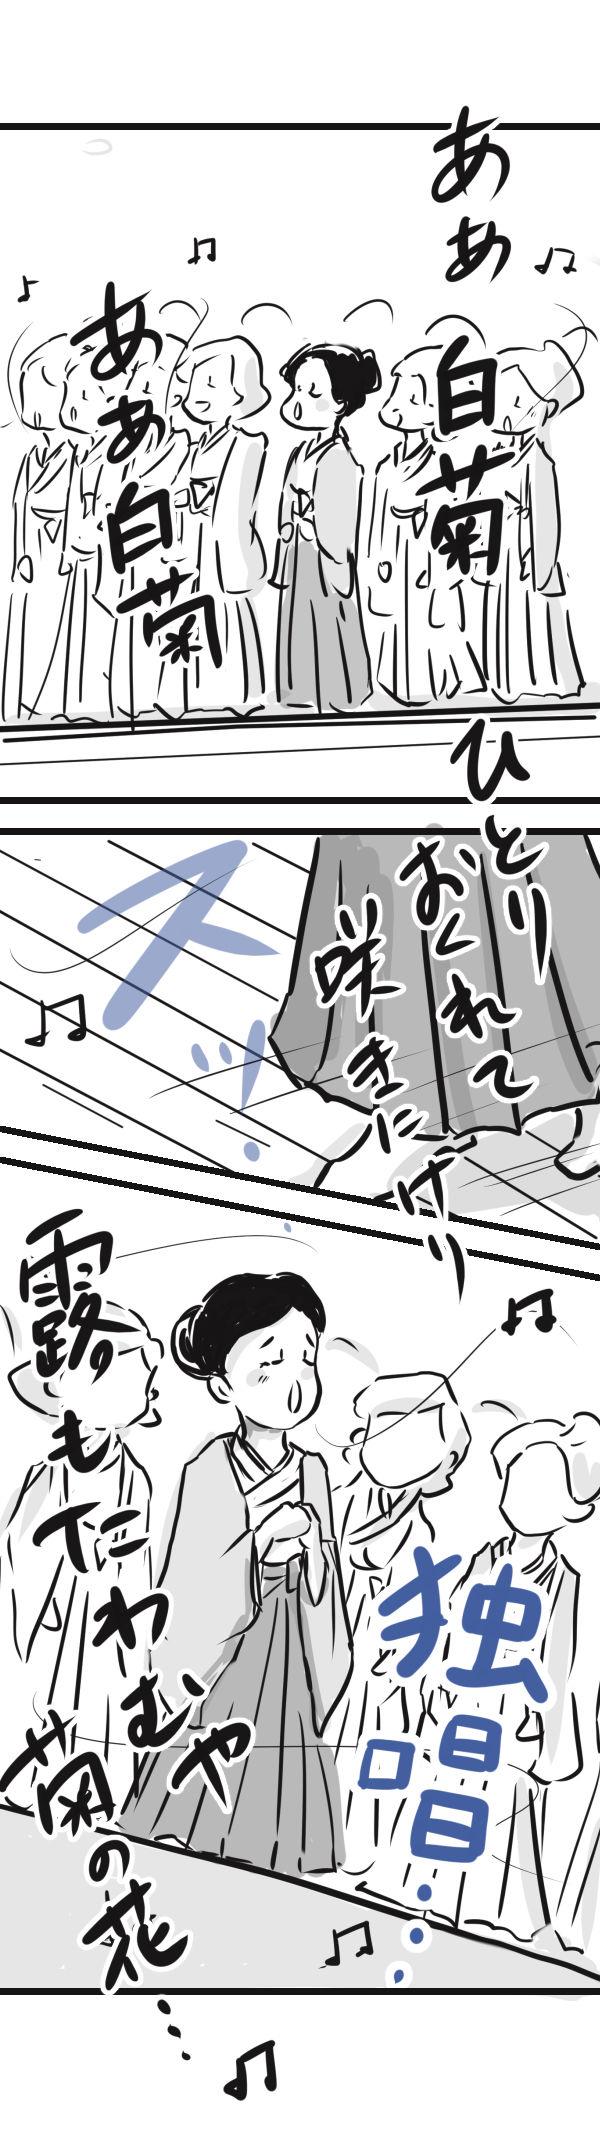 金沢9初恋−1−2 350dpi